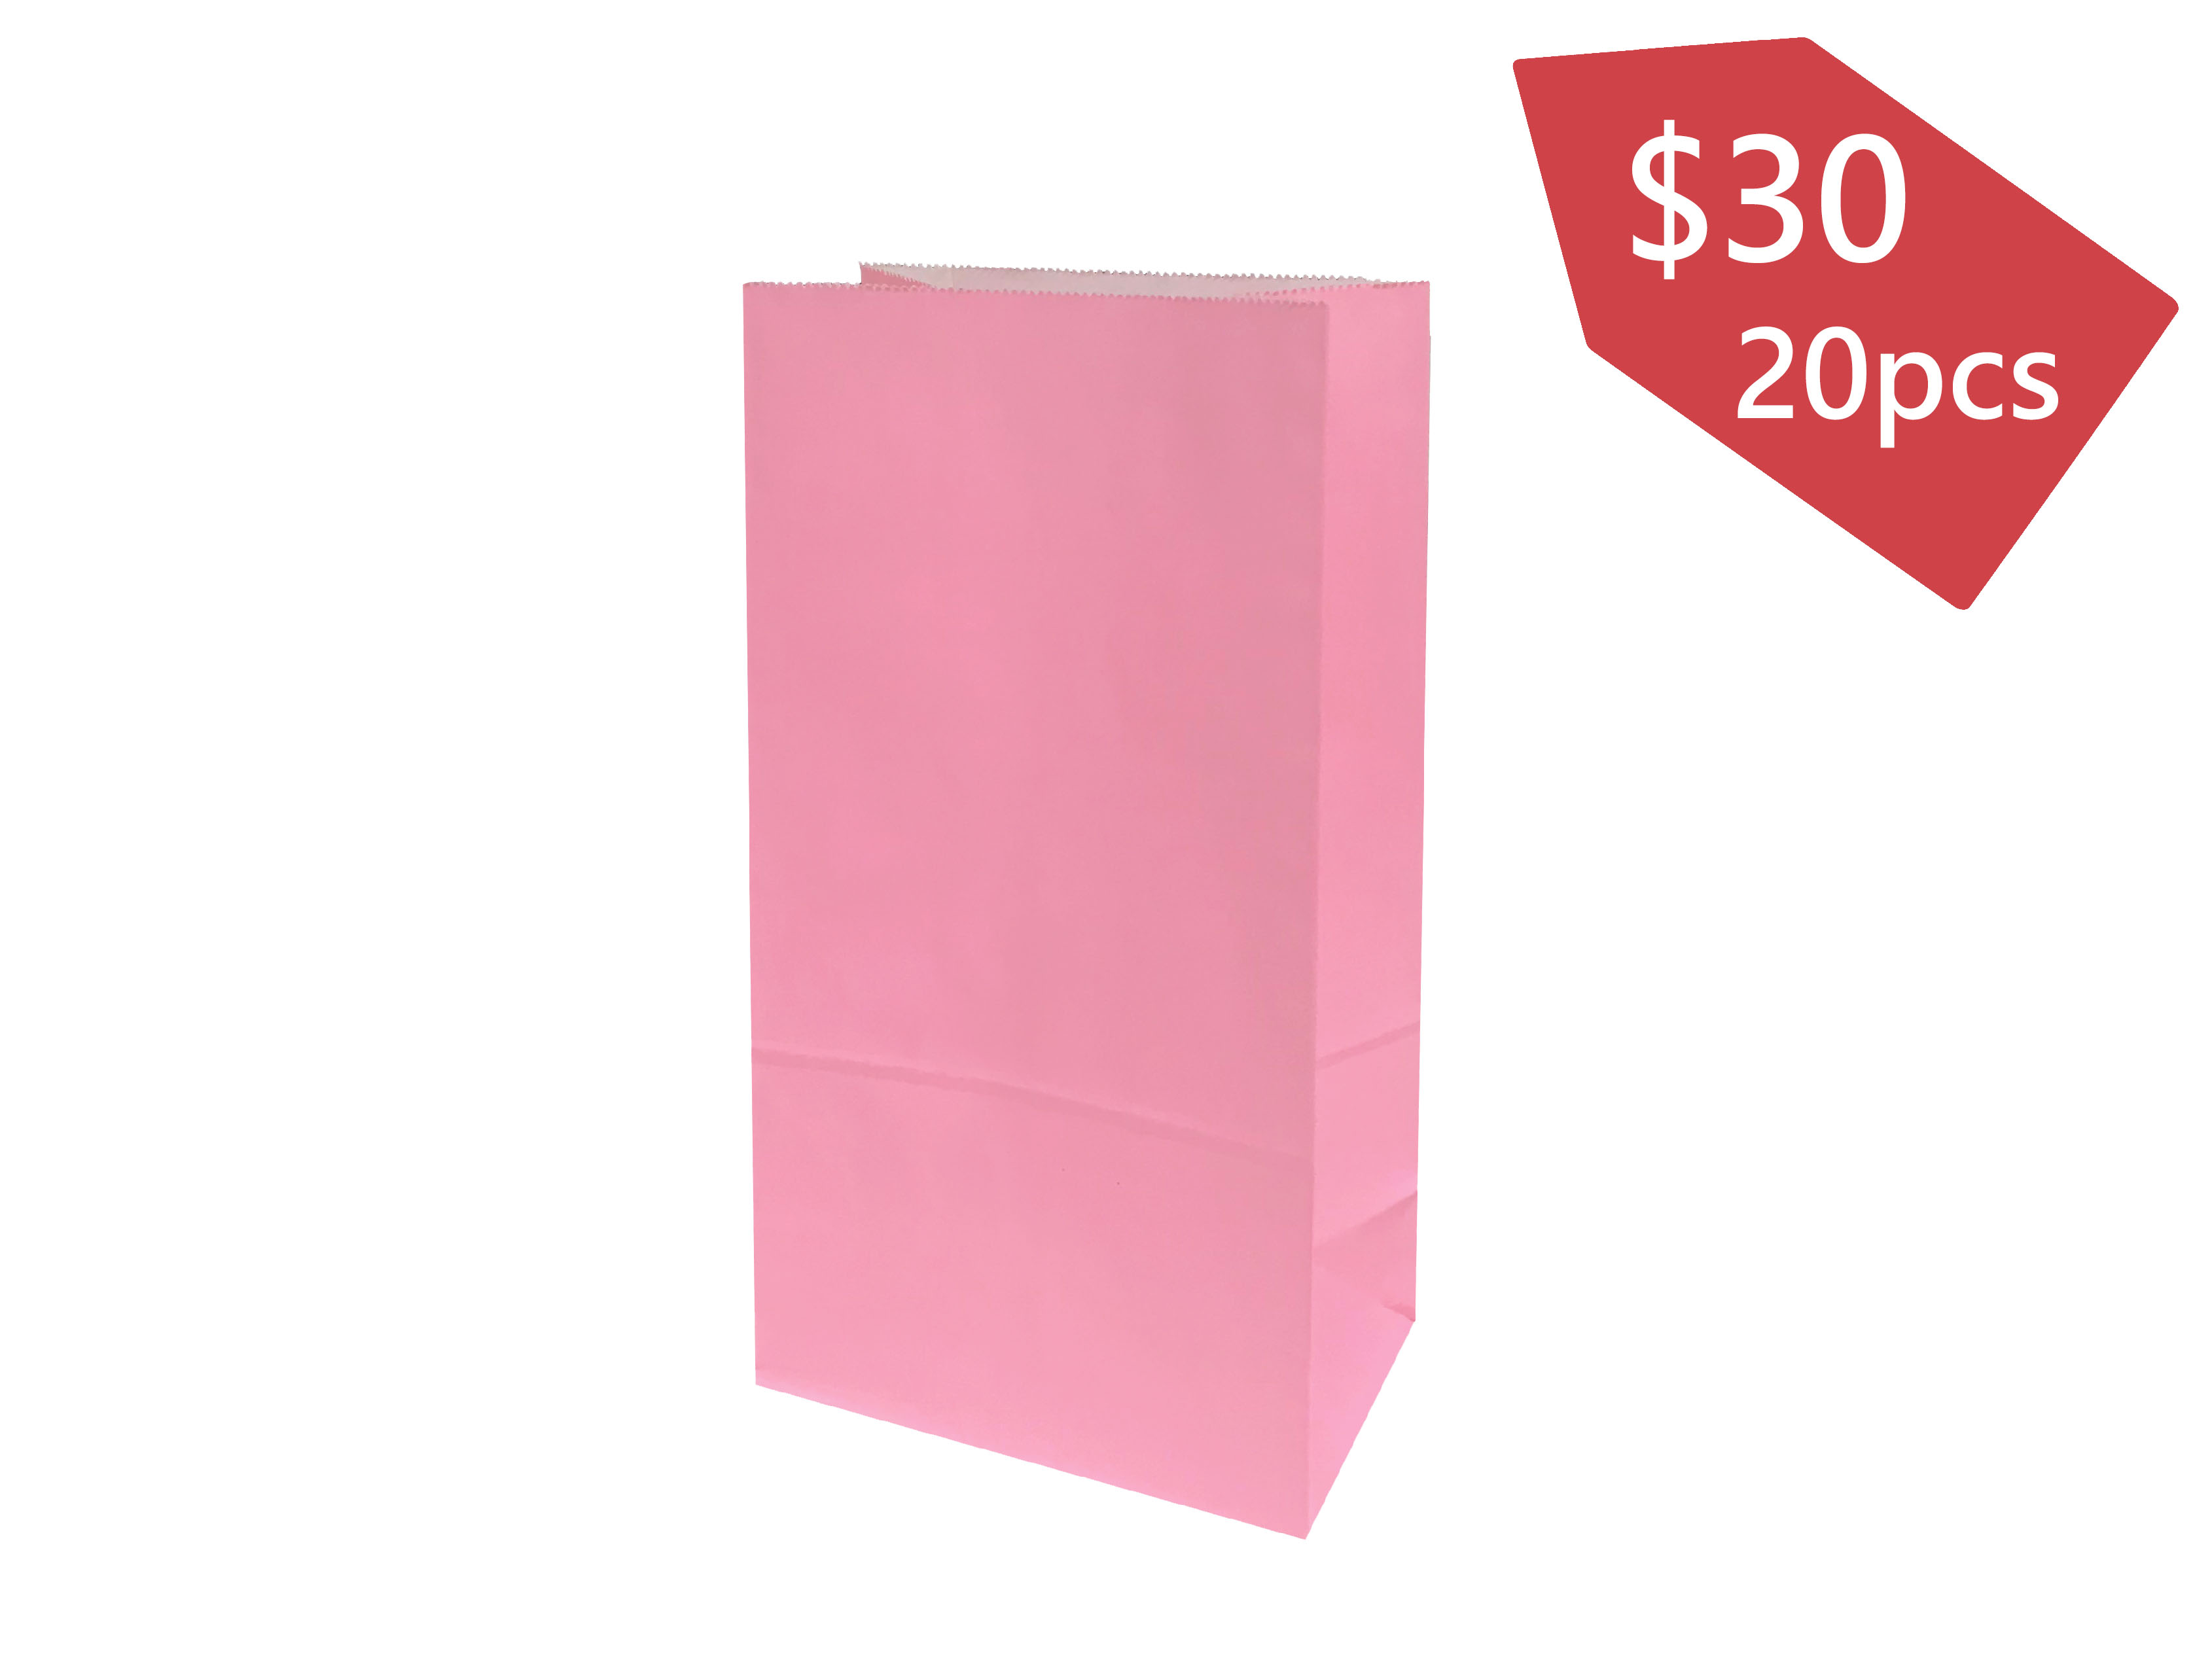 無手挽禮品袋 (粉紅色)